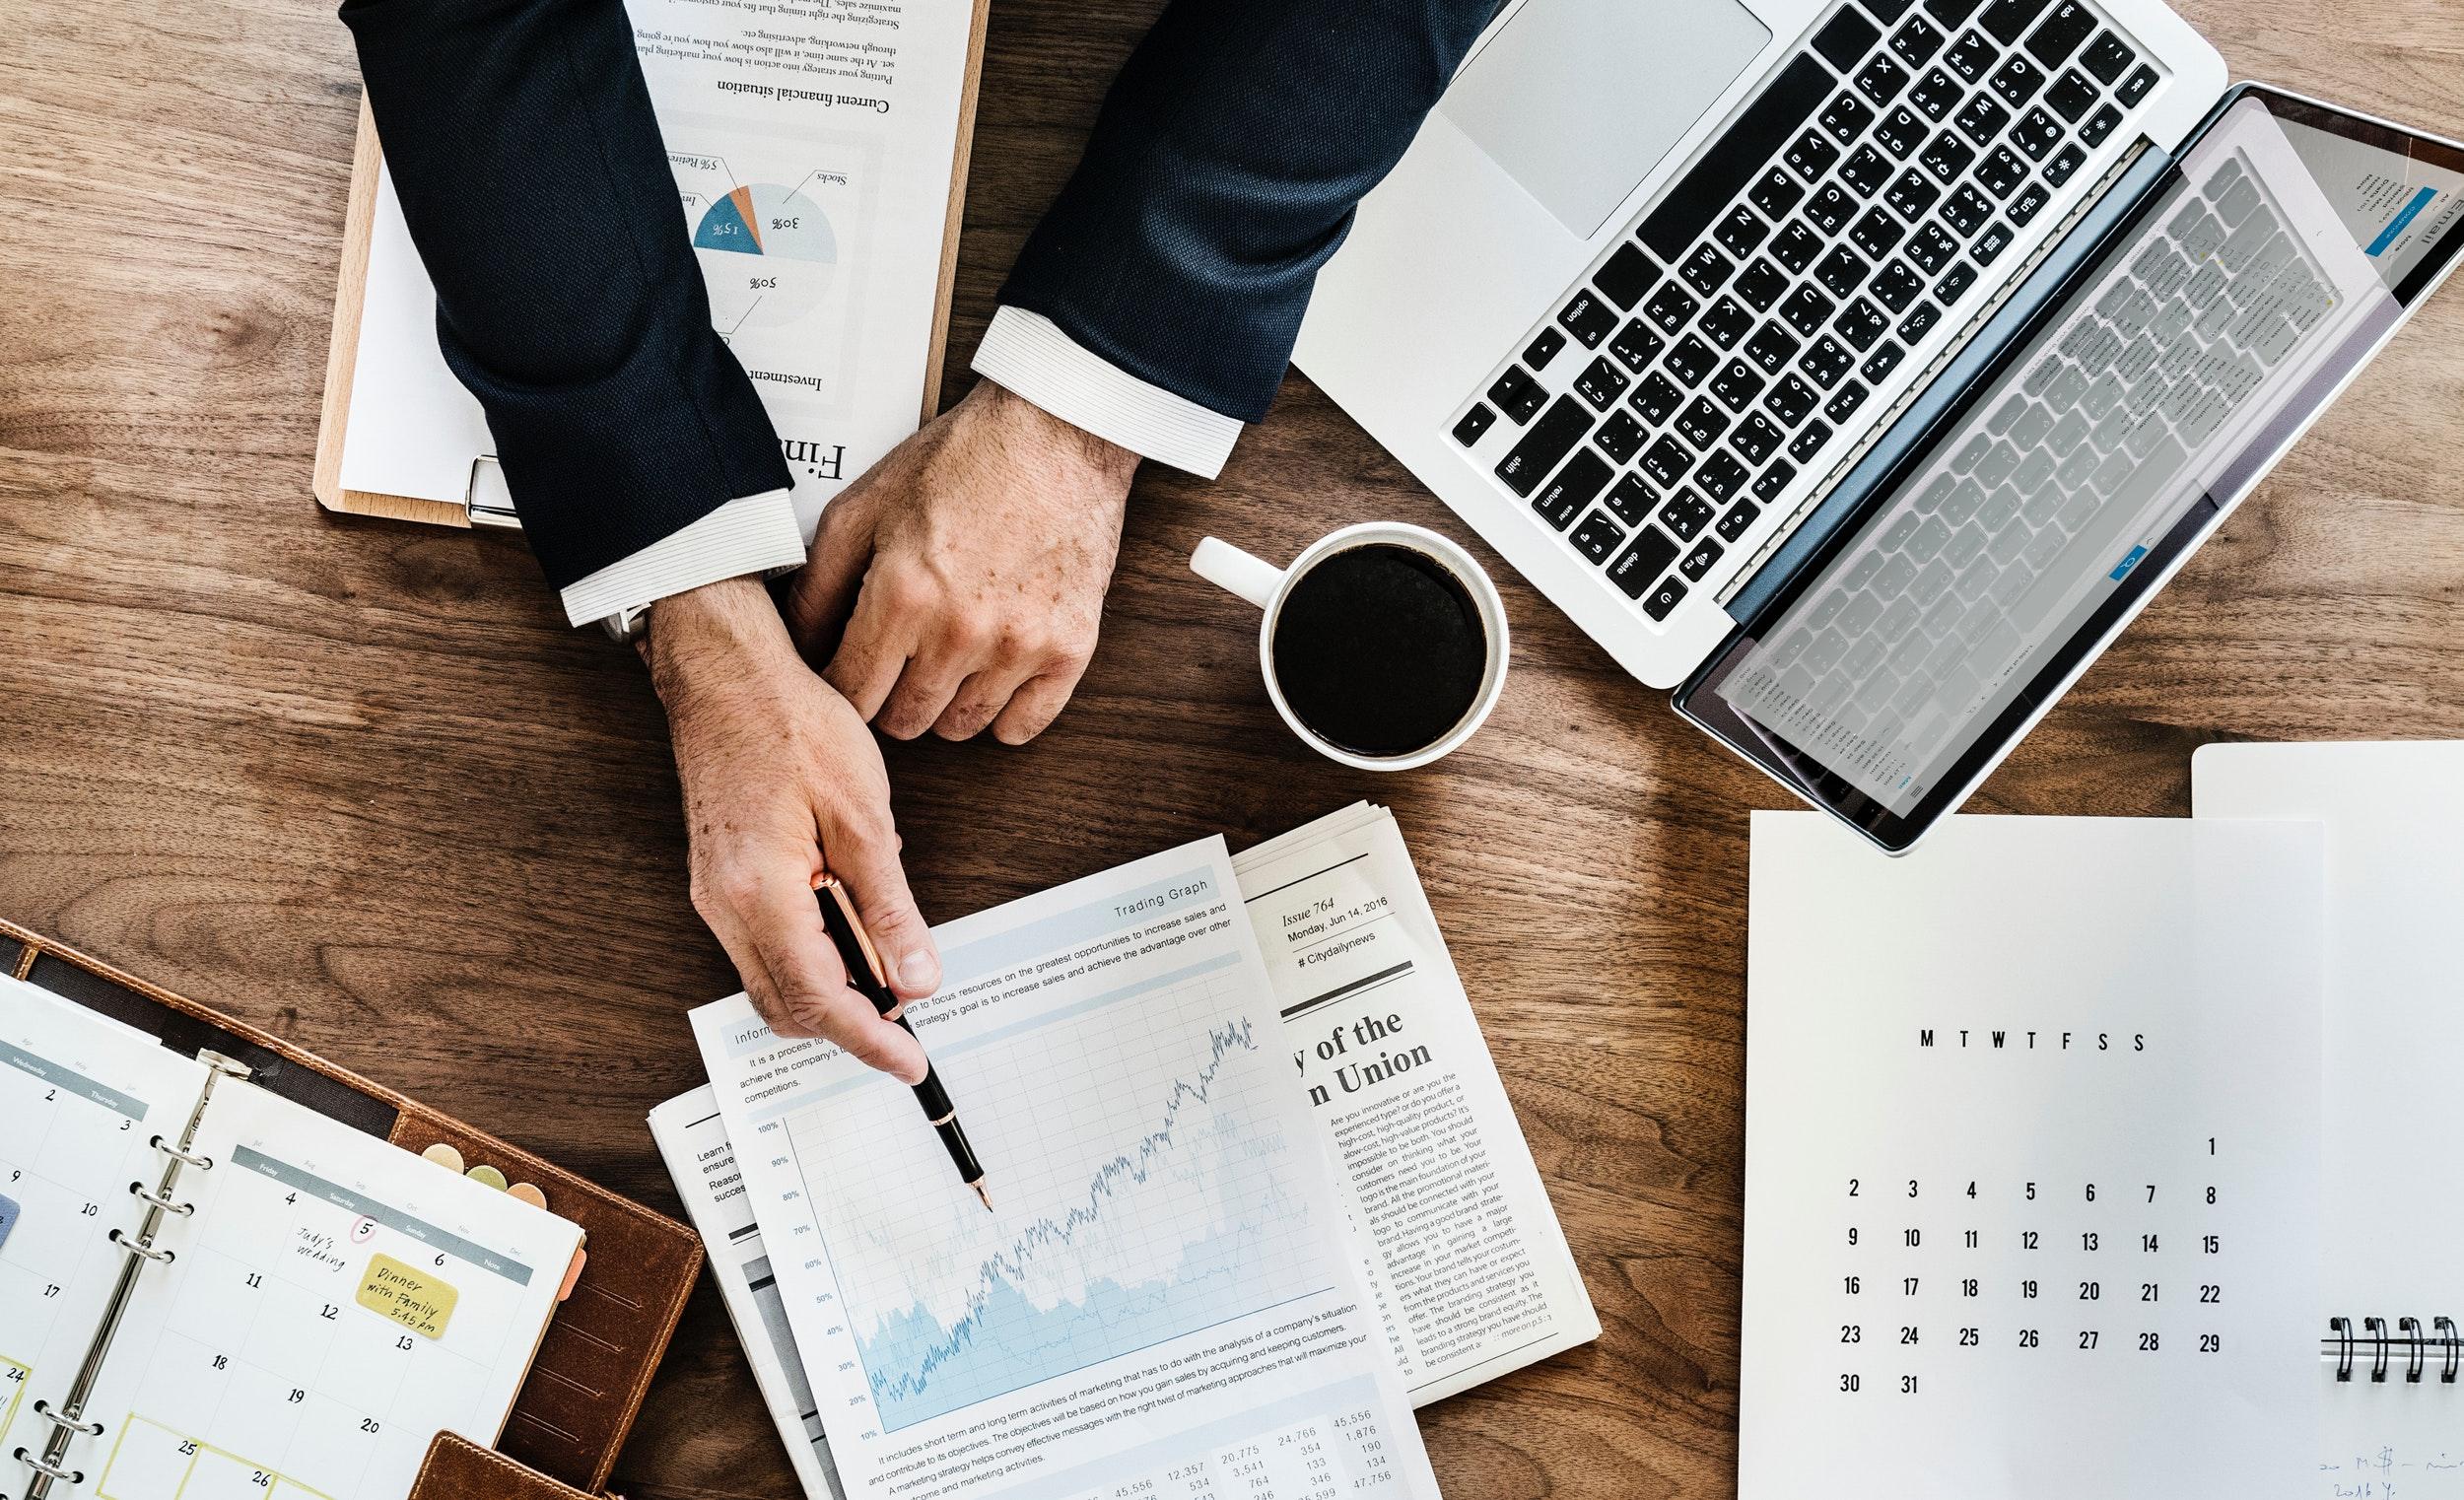 analyse-efficacite-energitique-entreprise